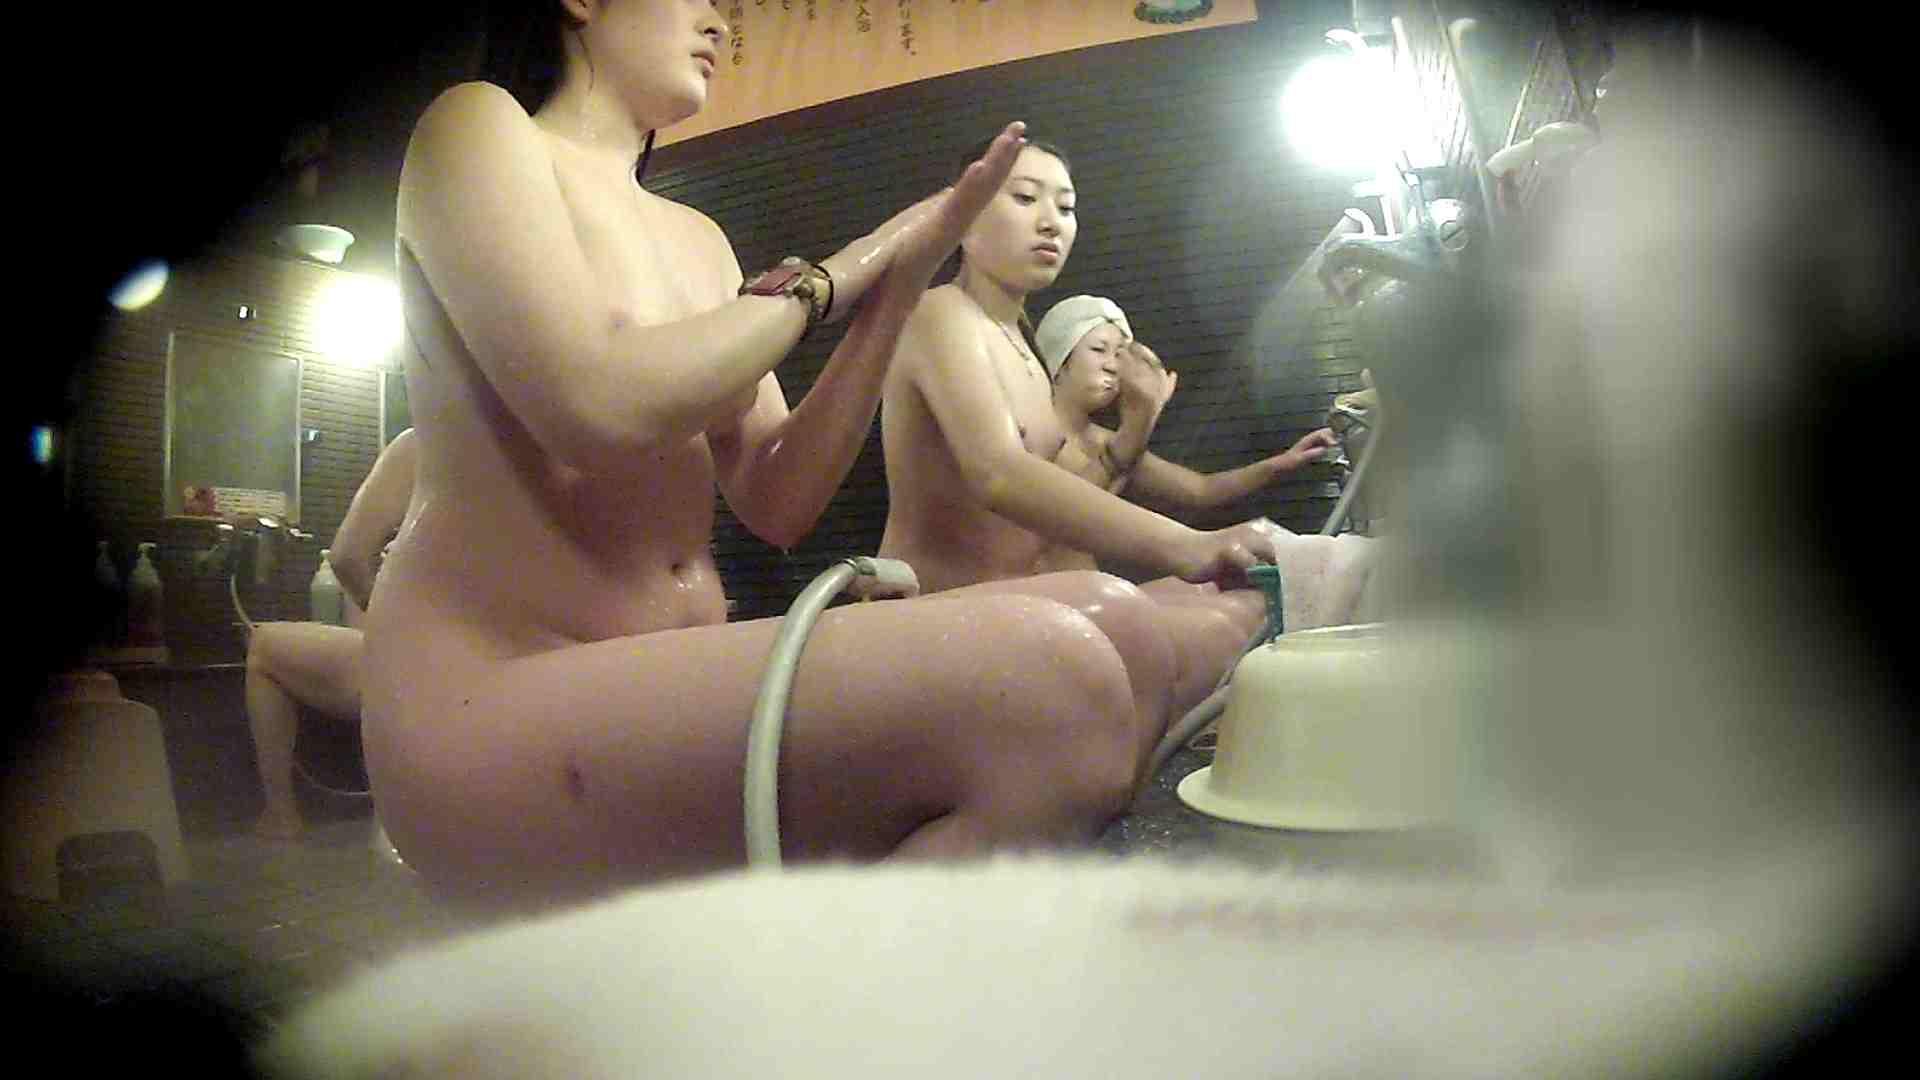 洗い場!お二人とも清楚でお美しいでございます。 銭湯 | 潜入  50pic 3